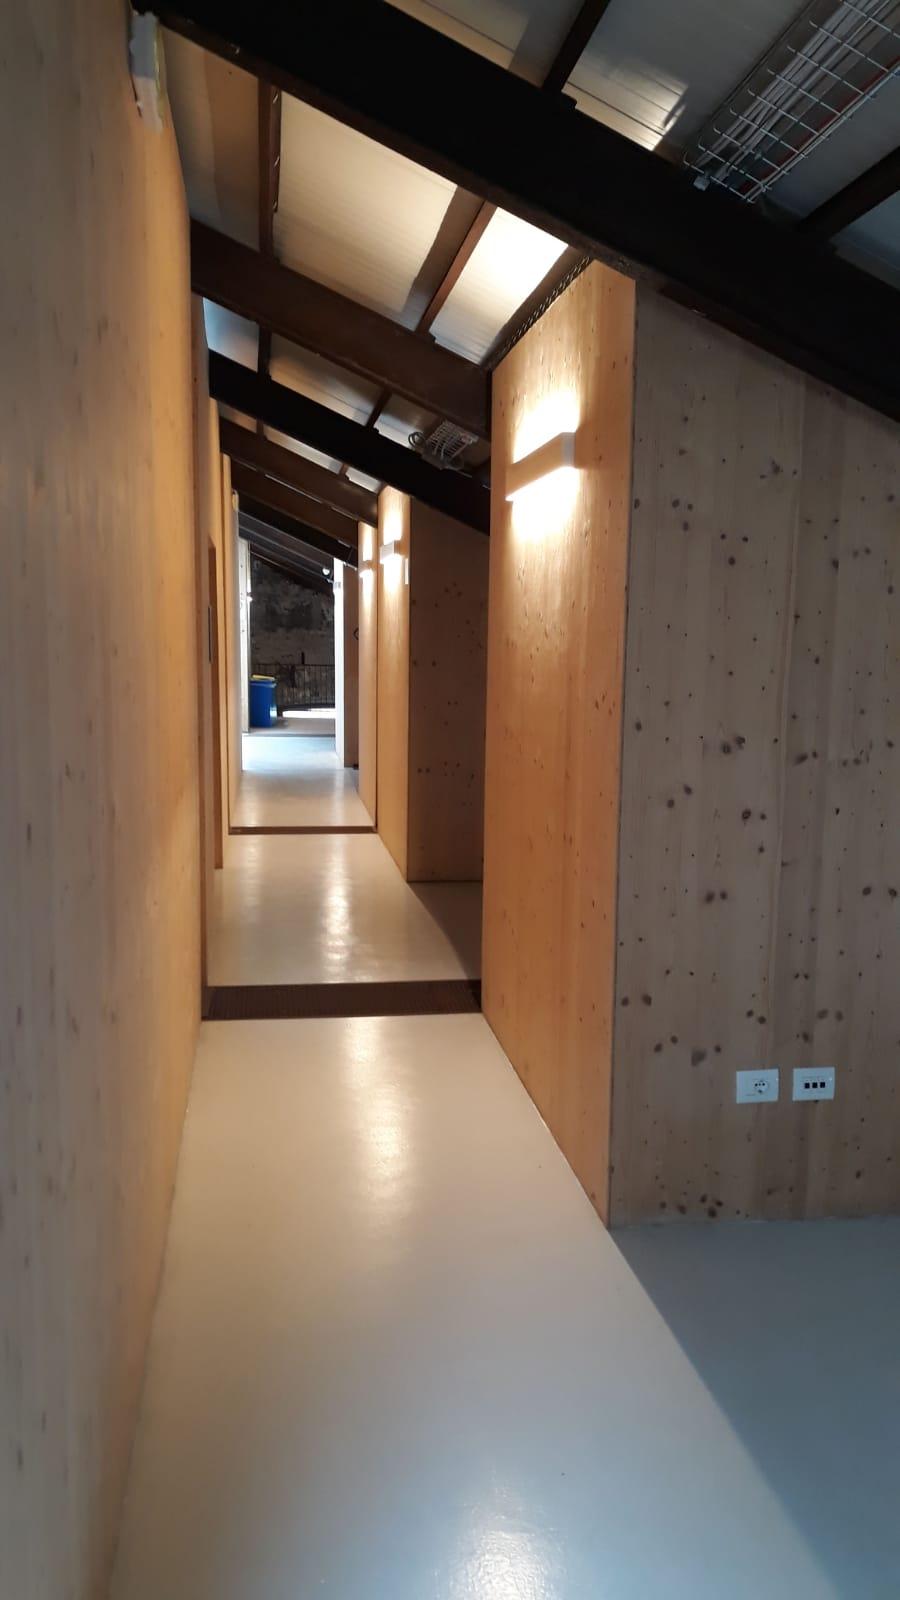 Illuminazione Tecnopolo Reggio Emilia - Illuminazione led negozi